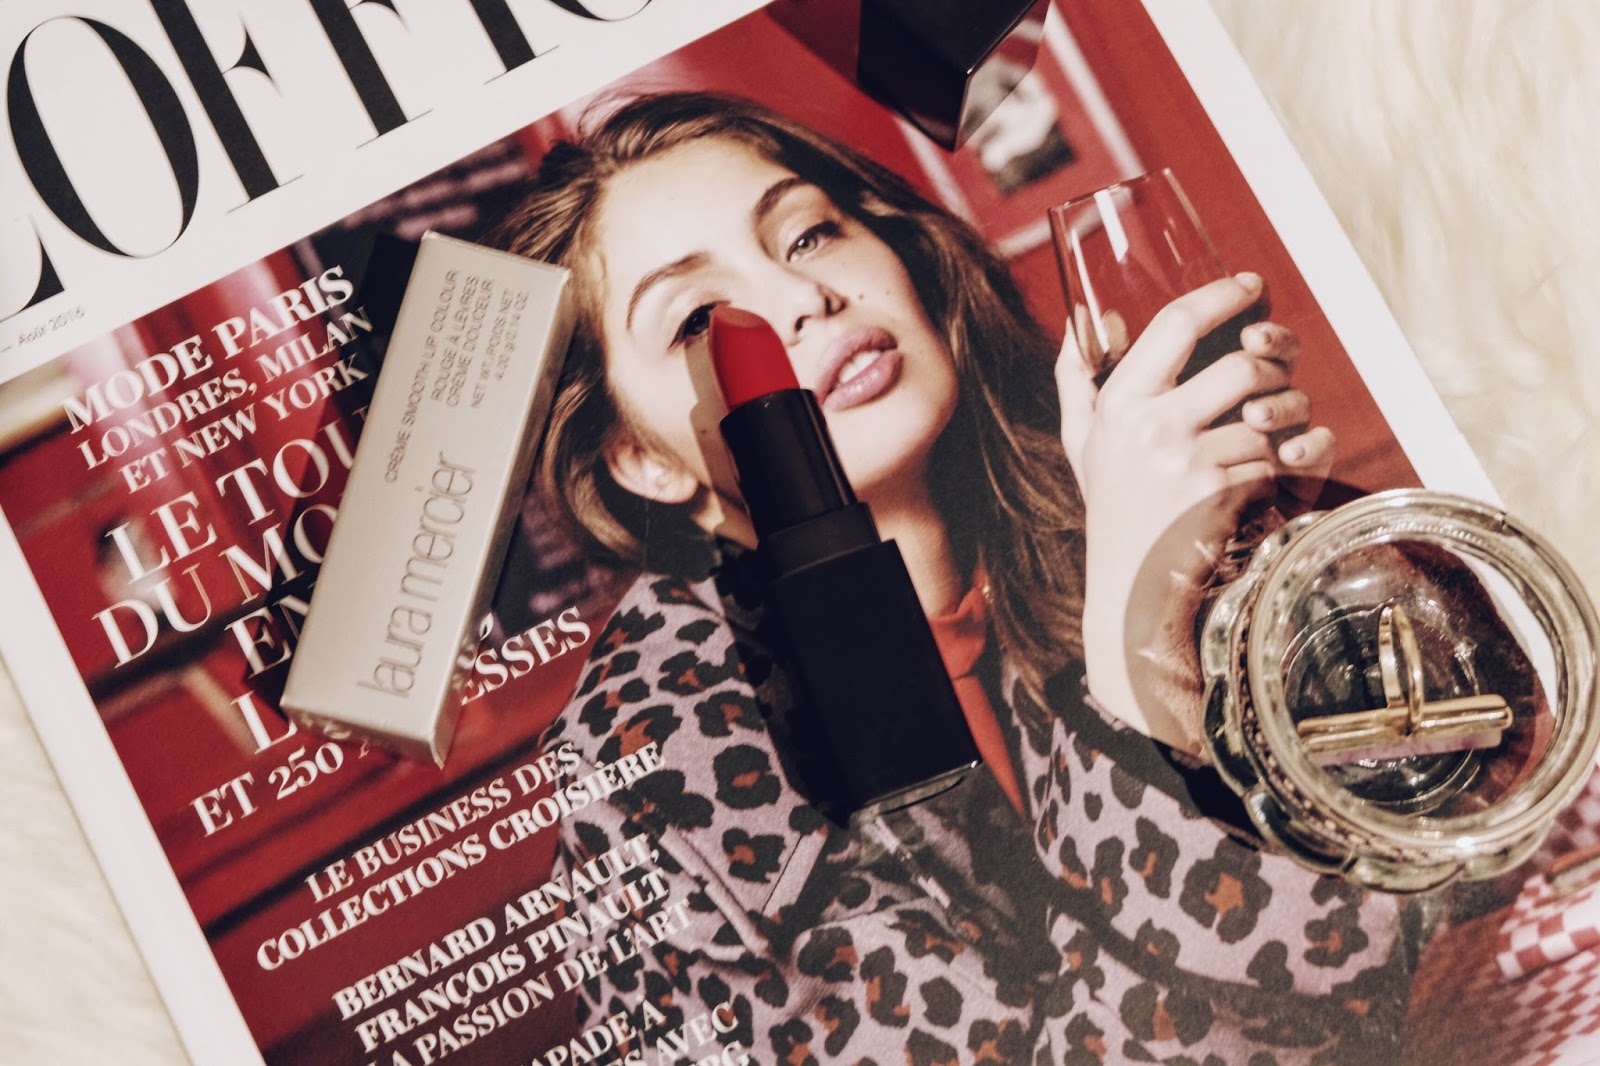 laura mercier, rouge à lèvre laura mercie, portobello red, blog mode, blogueuse mode, blogueuse lyonnaise, beauté, laura mercier blogueuse, rouge à lèvre, l'officiel paris, magazine l'officiel